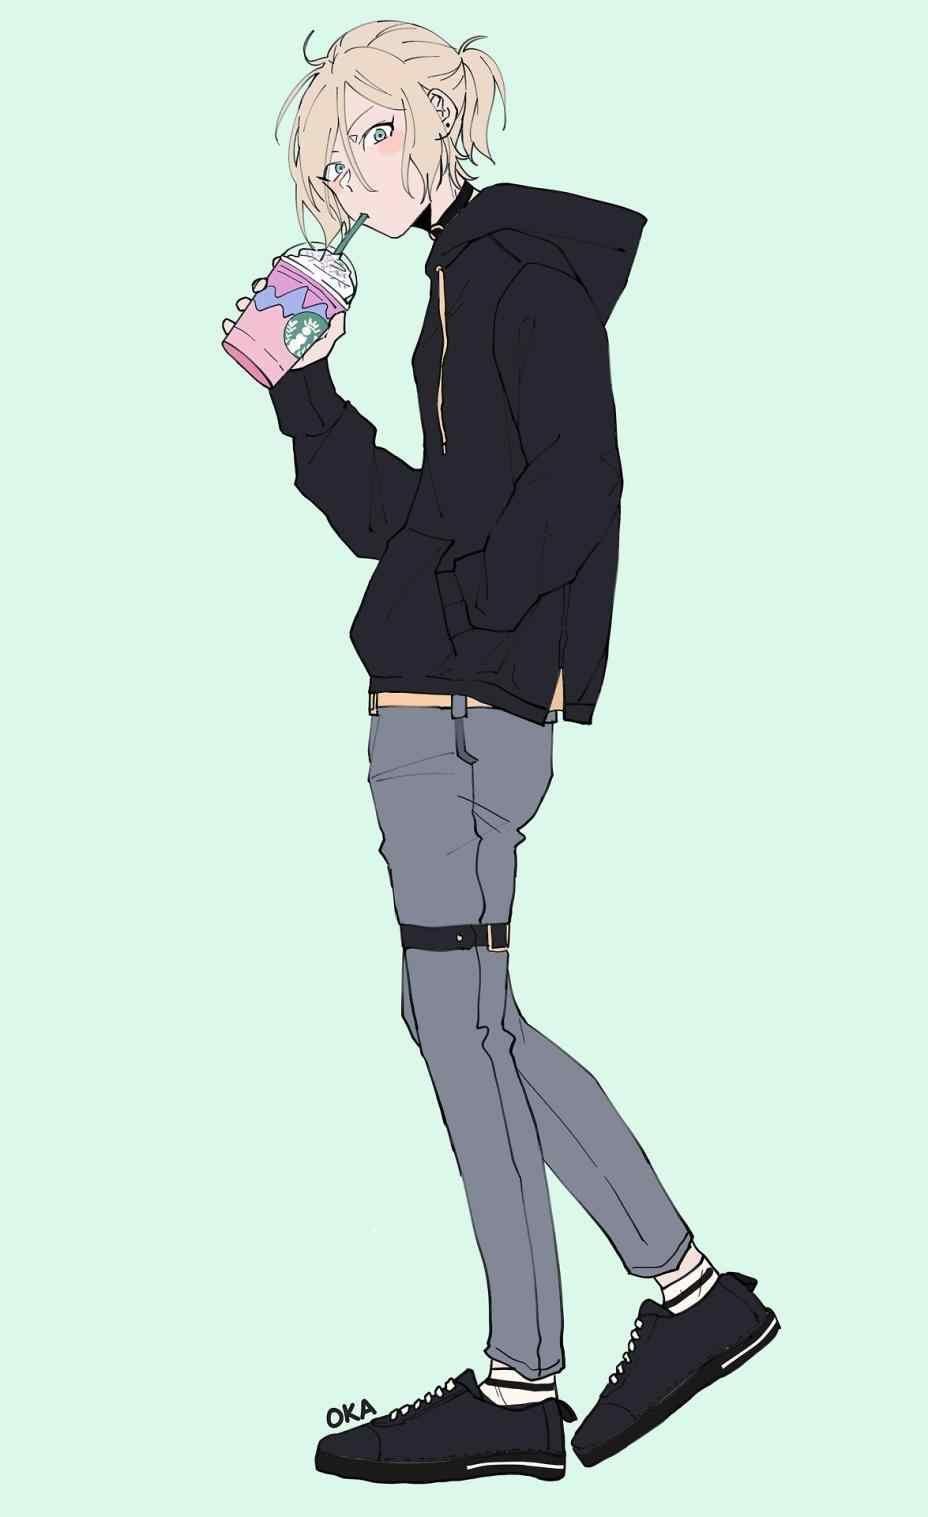 Image Result For Anime Boy Standing Animasi Sketsa Seni Anime